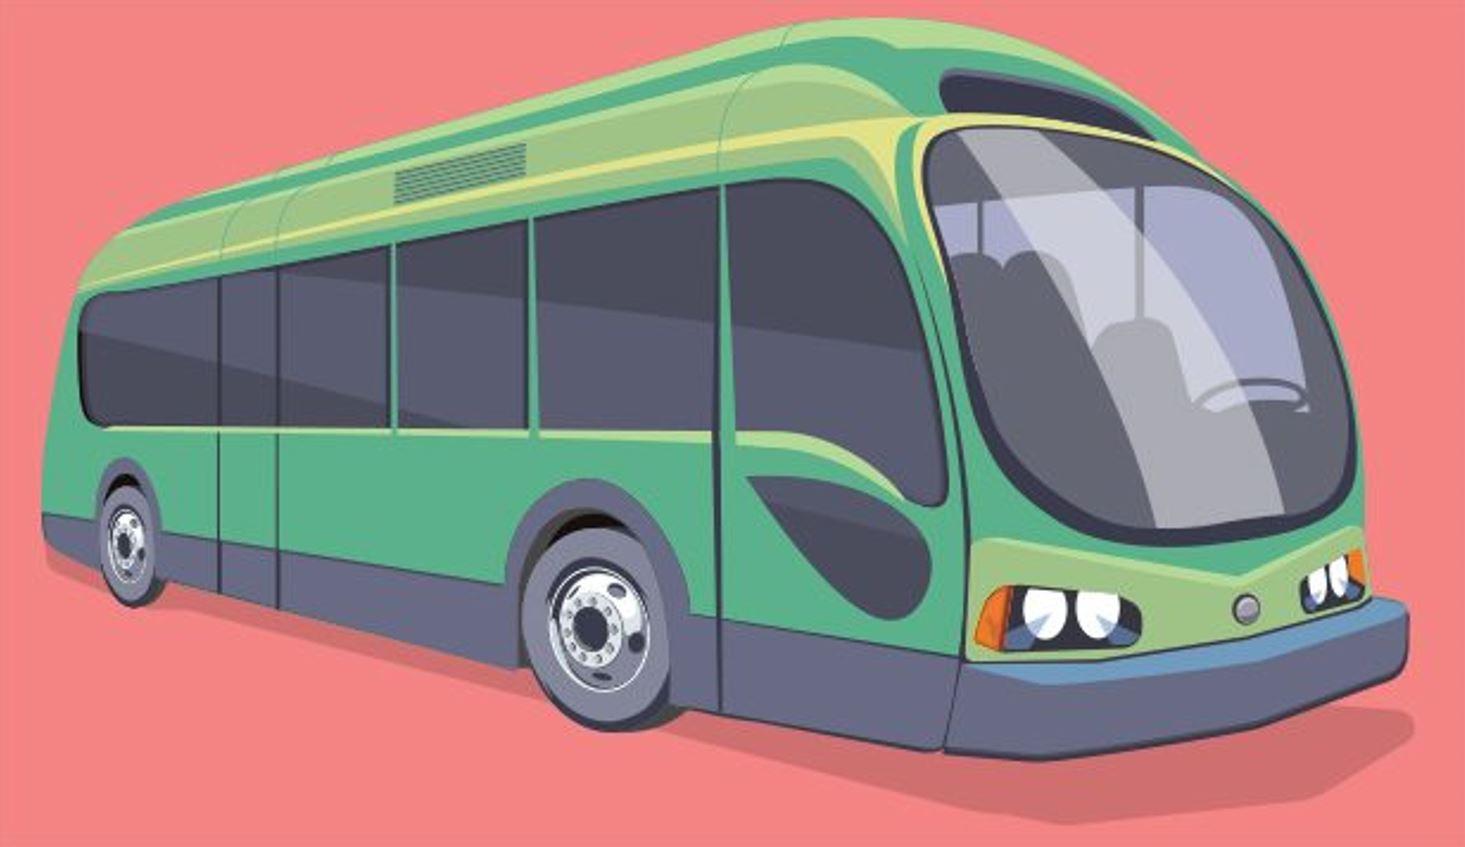 xe bus composite